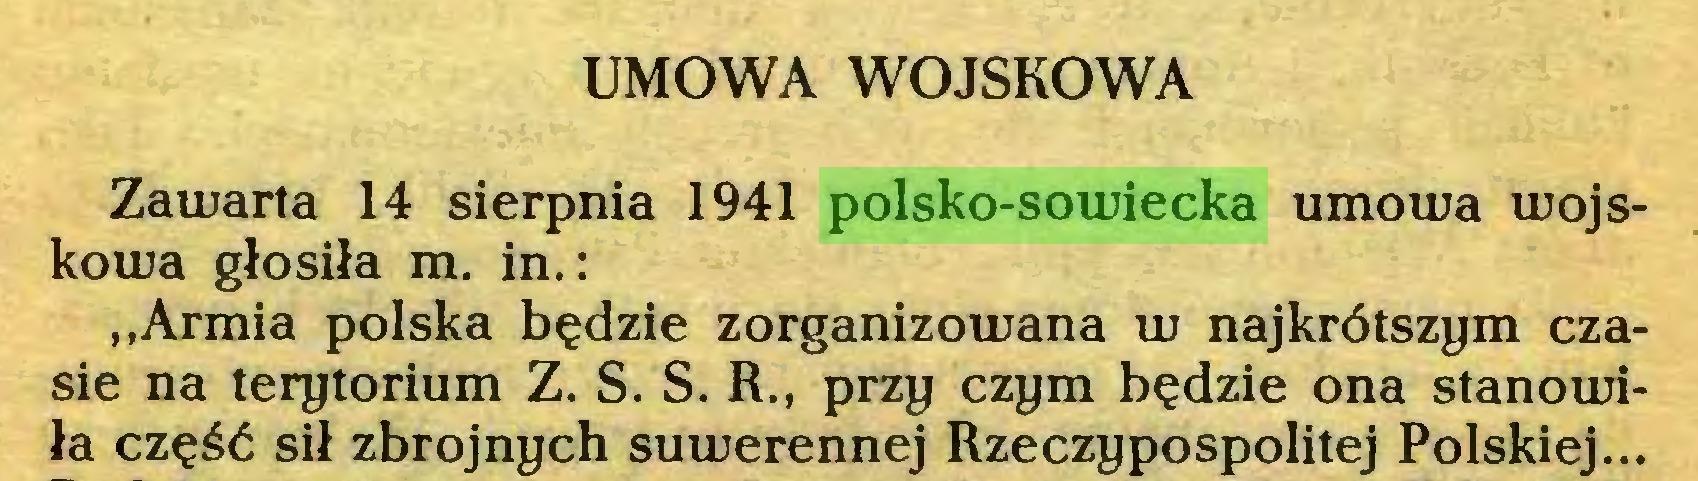 (...) UMOWA WOJSKOWA Zawarta 14 sierpnia 1941 polsko-sowiecka umowa wojskowa głosiła m. in.: ,,Armia polska będzie zorganizowana w najkrótszym czasie na terytorium Z. S. S. R., przy czym będzie ona stanowiła część sił zbrojnych suwerennej Rzeczypospolitej Polskiej...